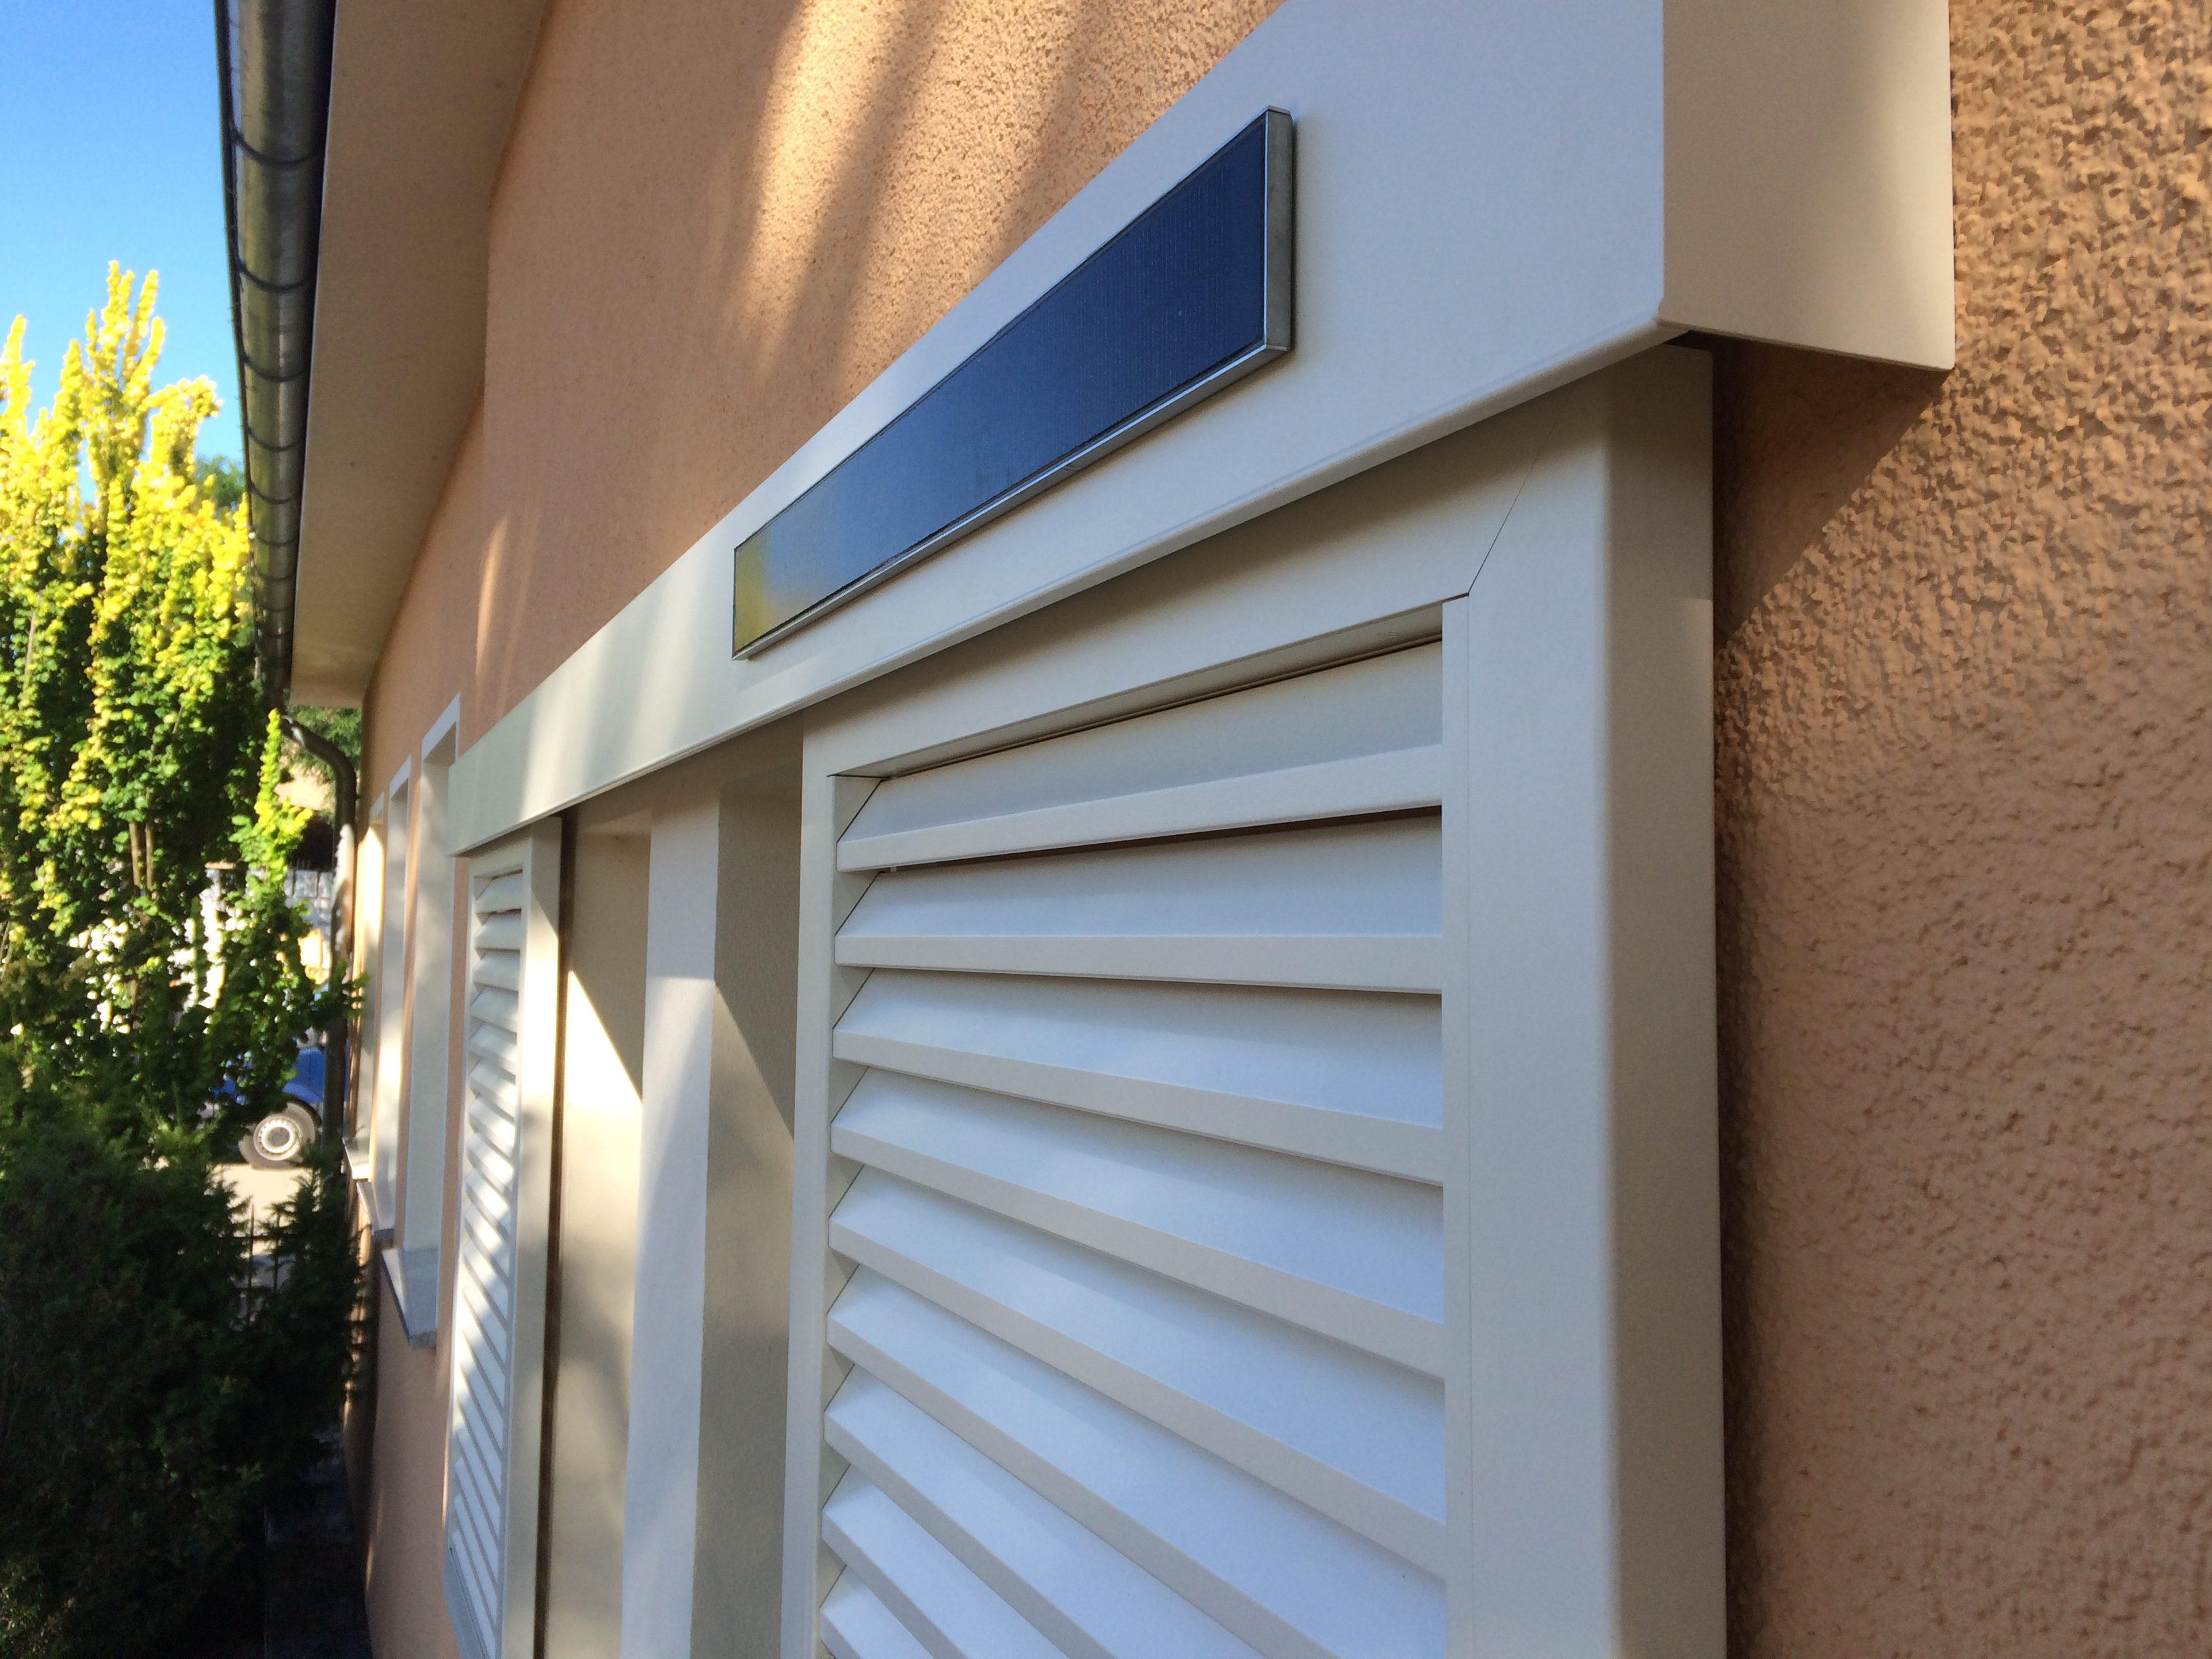 Solarbetriebene Fensterläden